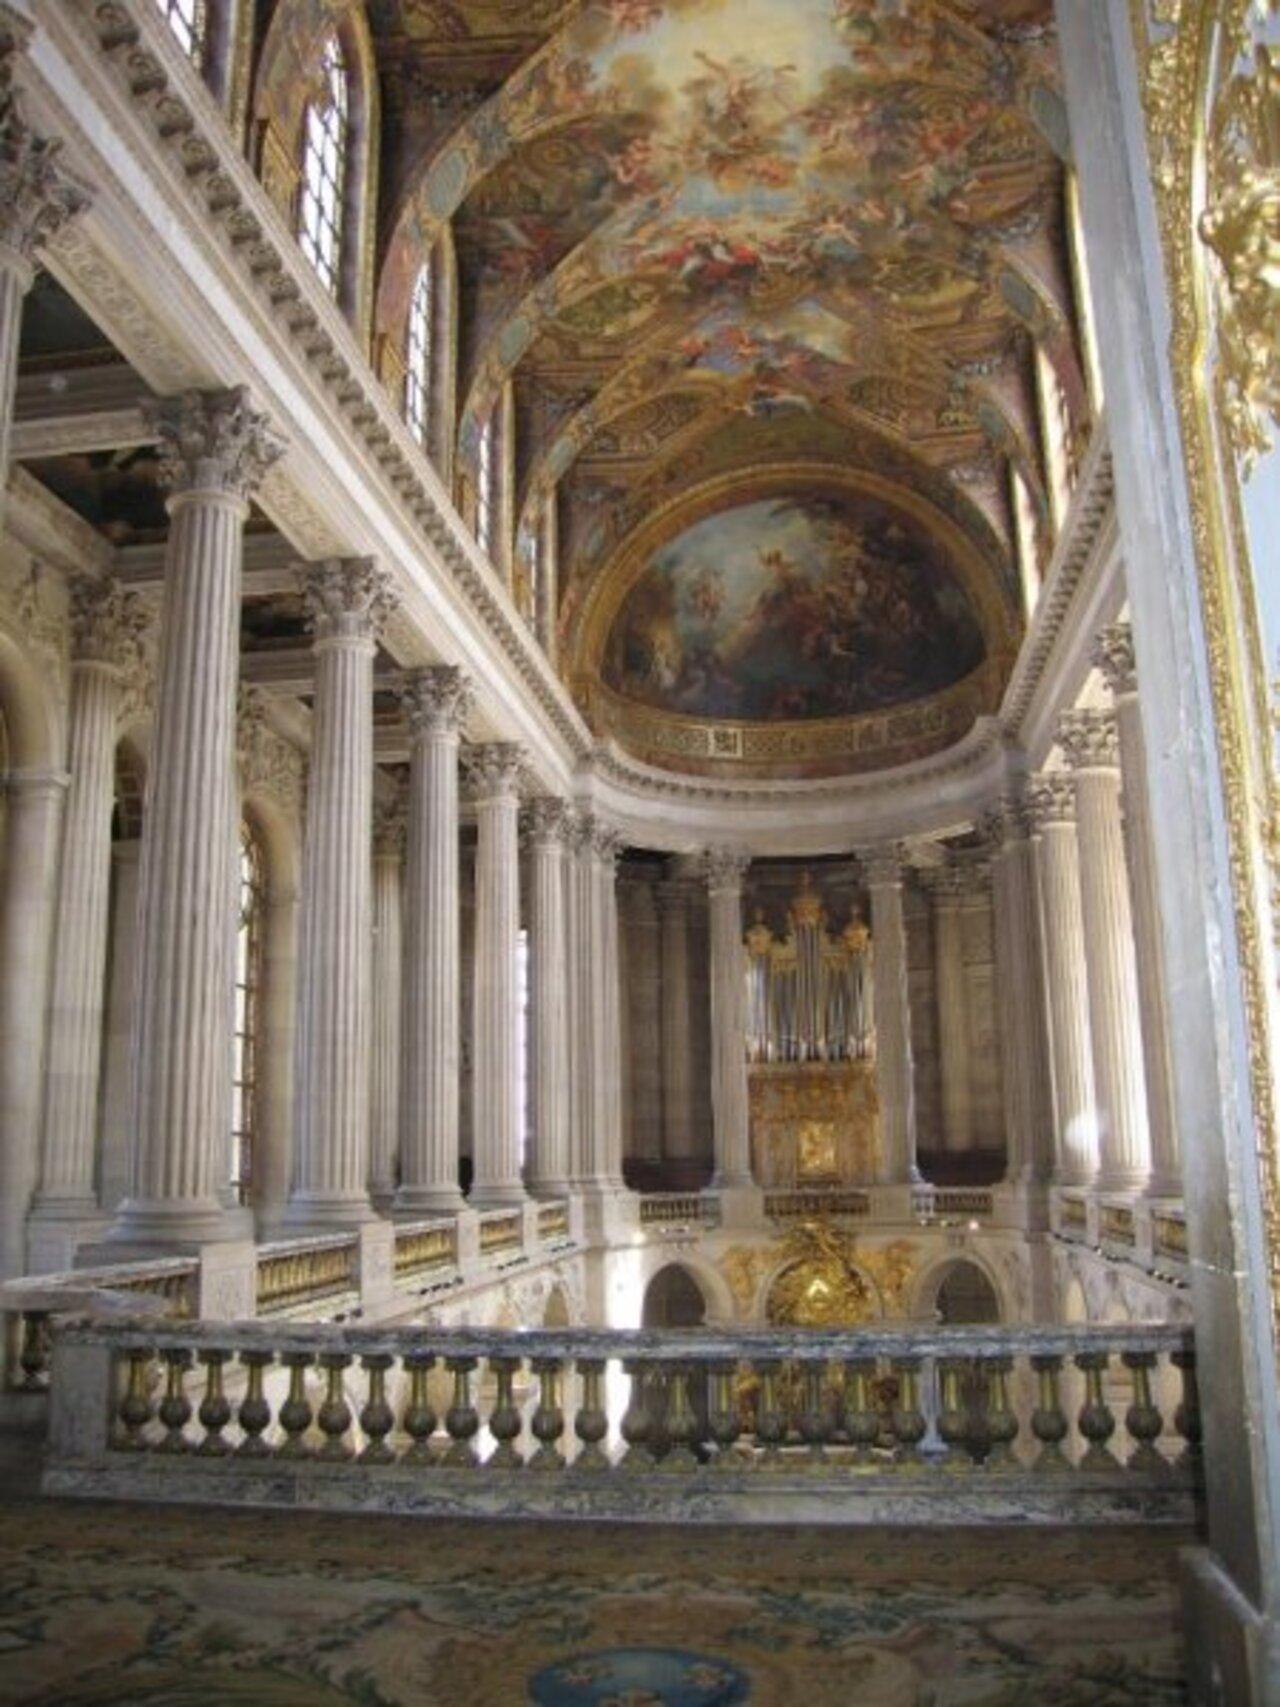 Версальский парк - обворожительный садово-парковый ансамбль известный на весь мир